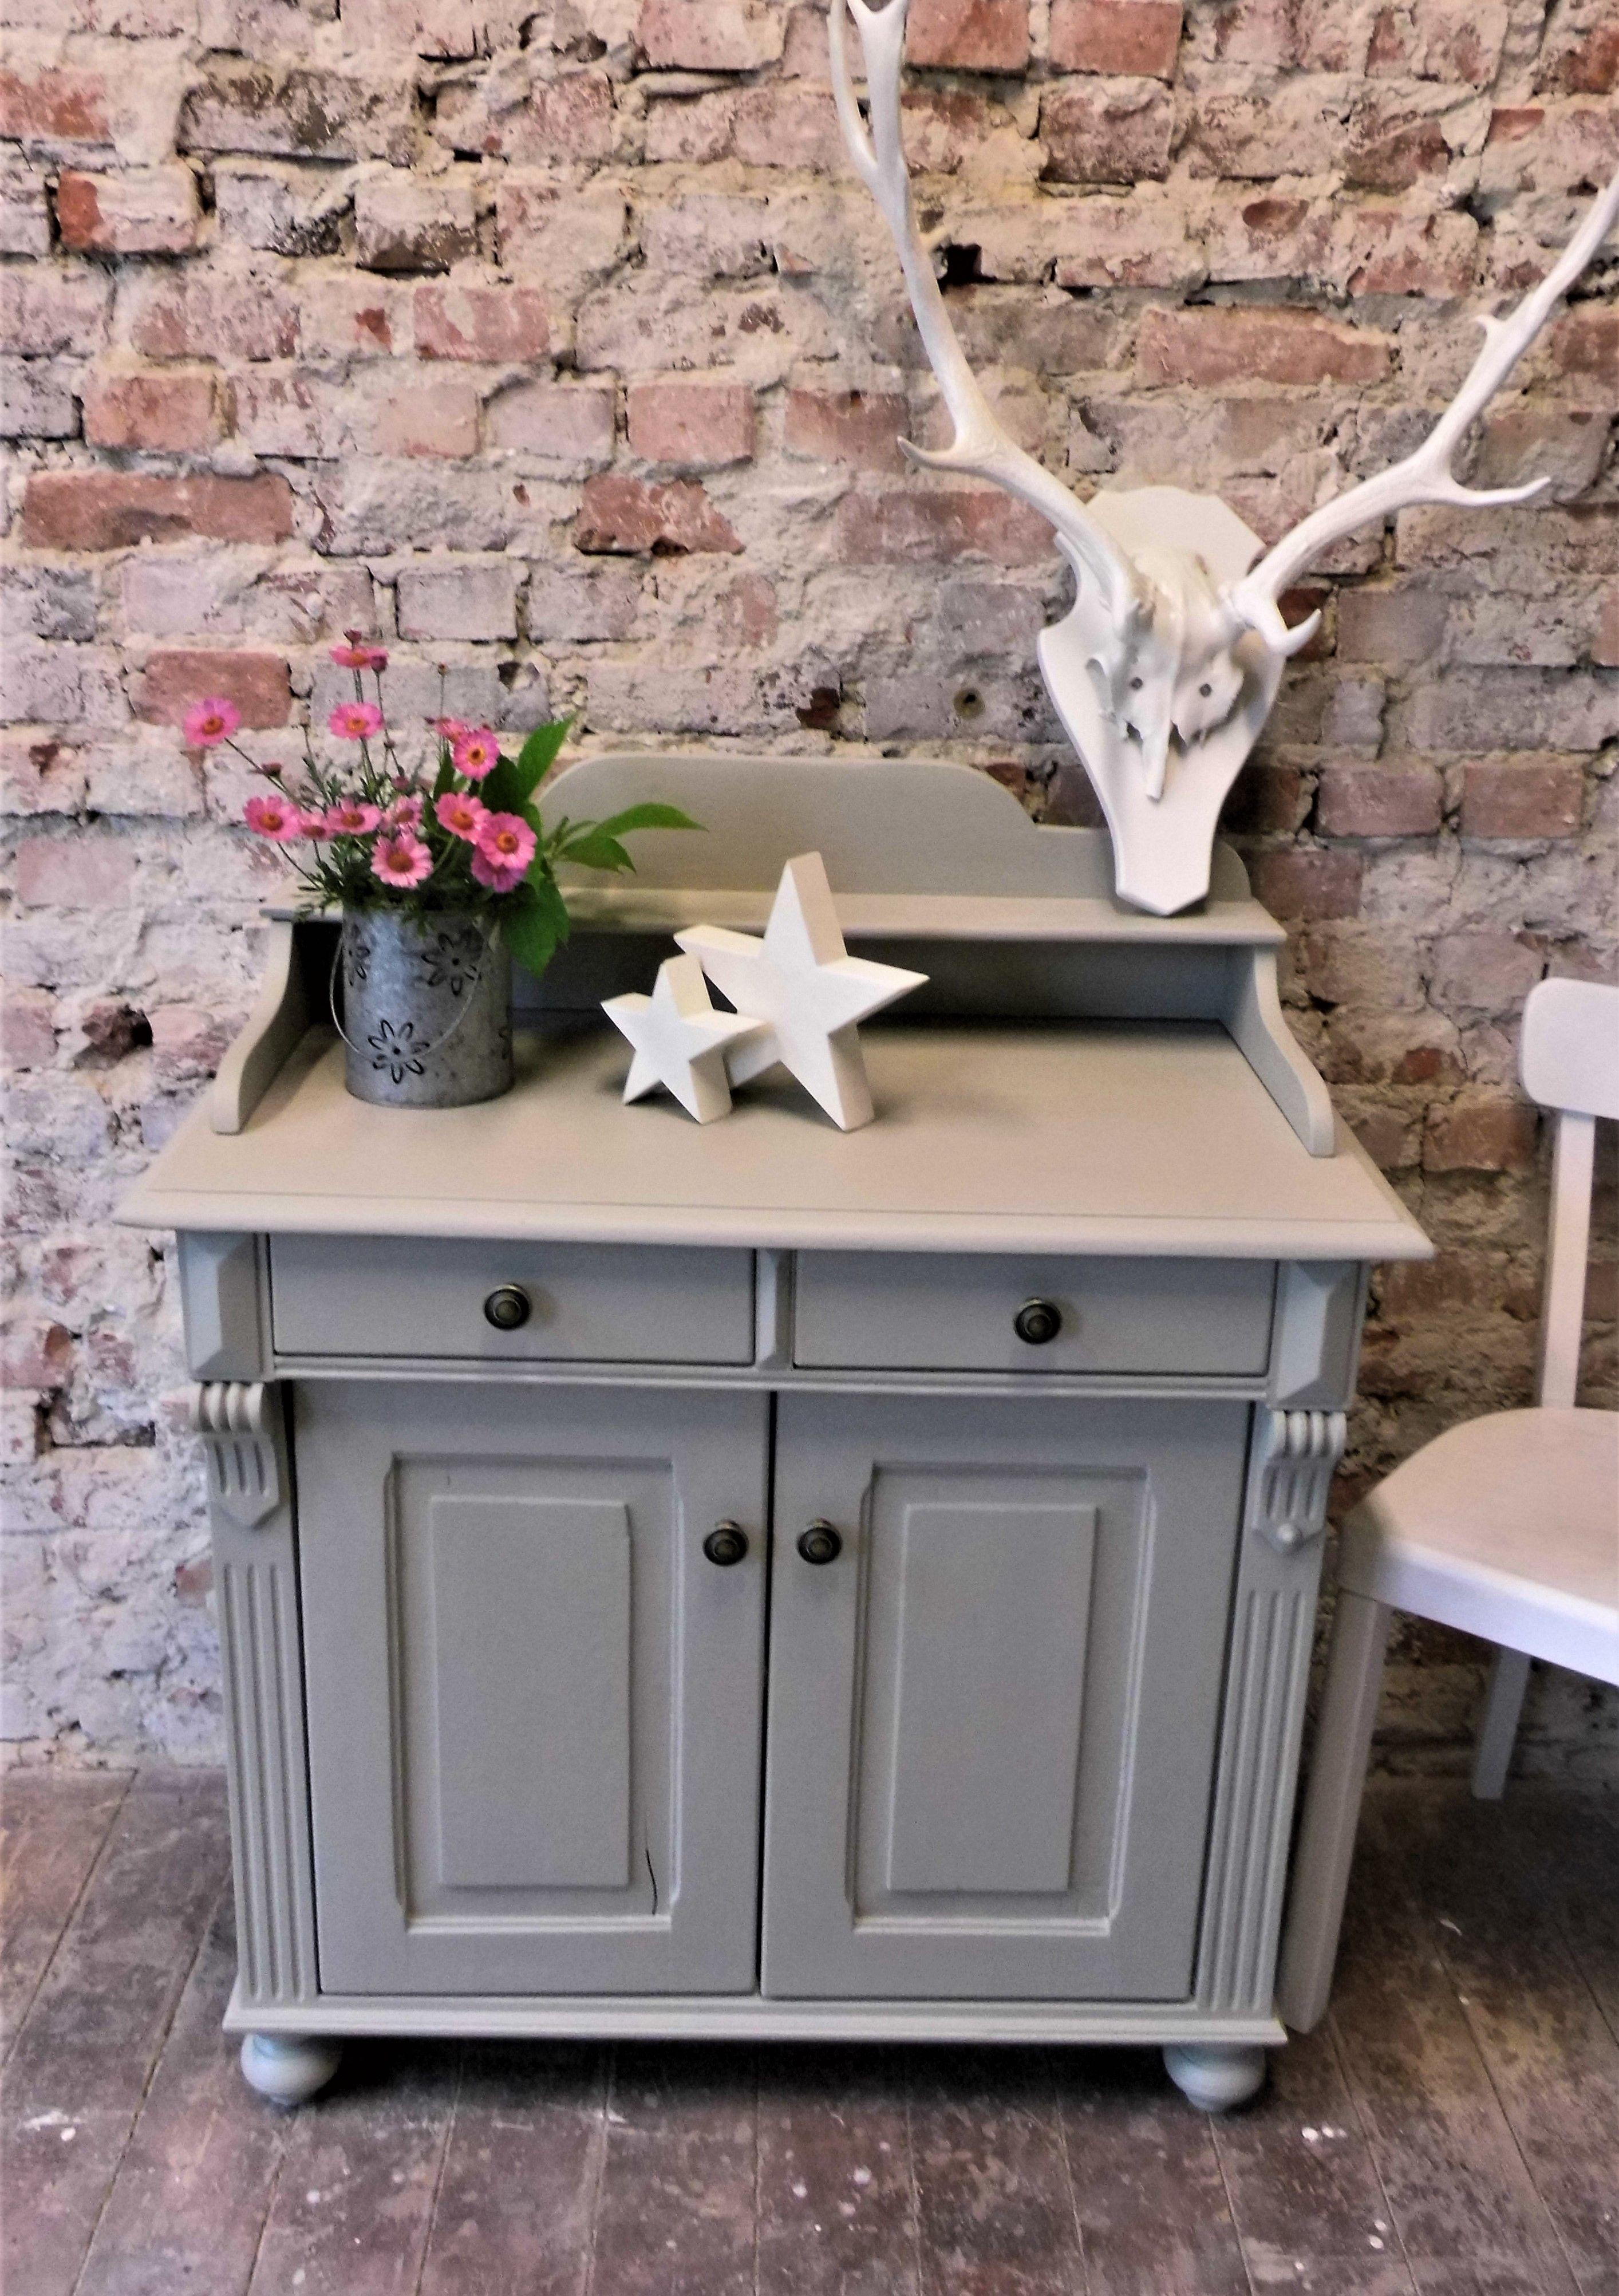 Cabinet Chalk Color Chest Dresser Cabinet Vintage Scandinavian Design Display Case Shabby Antique Dressing Shingled Cabinet Skandi In 2020 Scandinavian Design Chalk Scandinavian